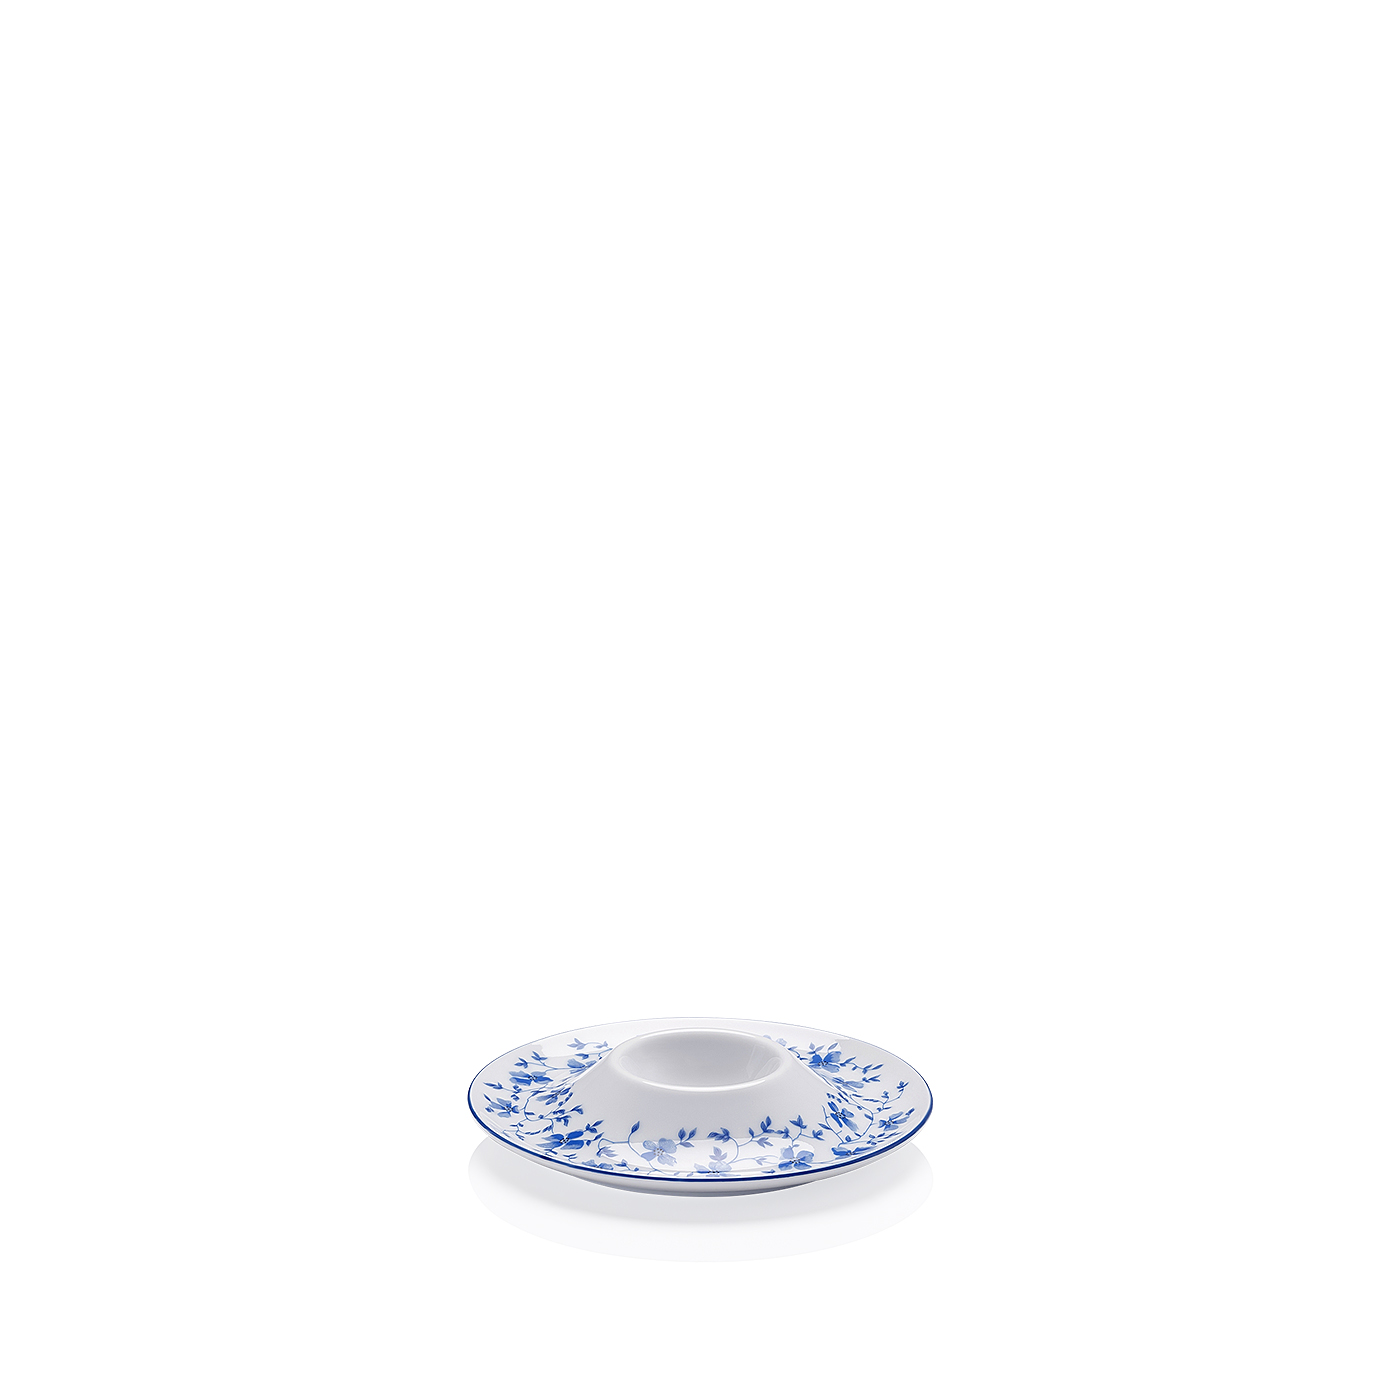 Eierbecher mit Ablage Form 1382 Blaublüten Arzberg